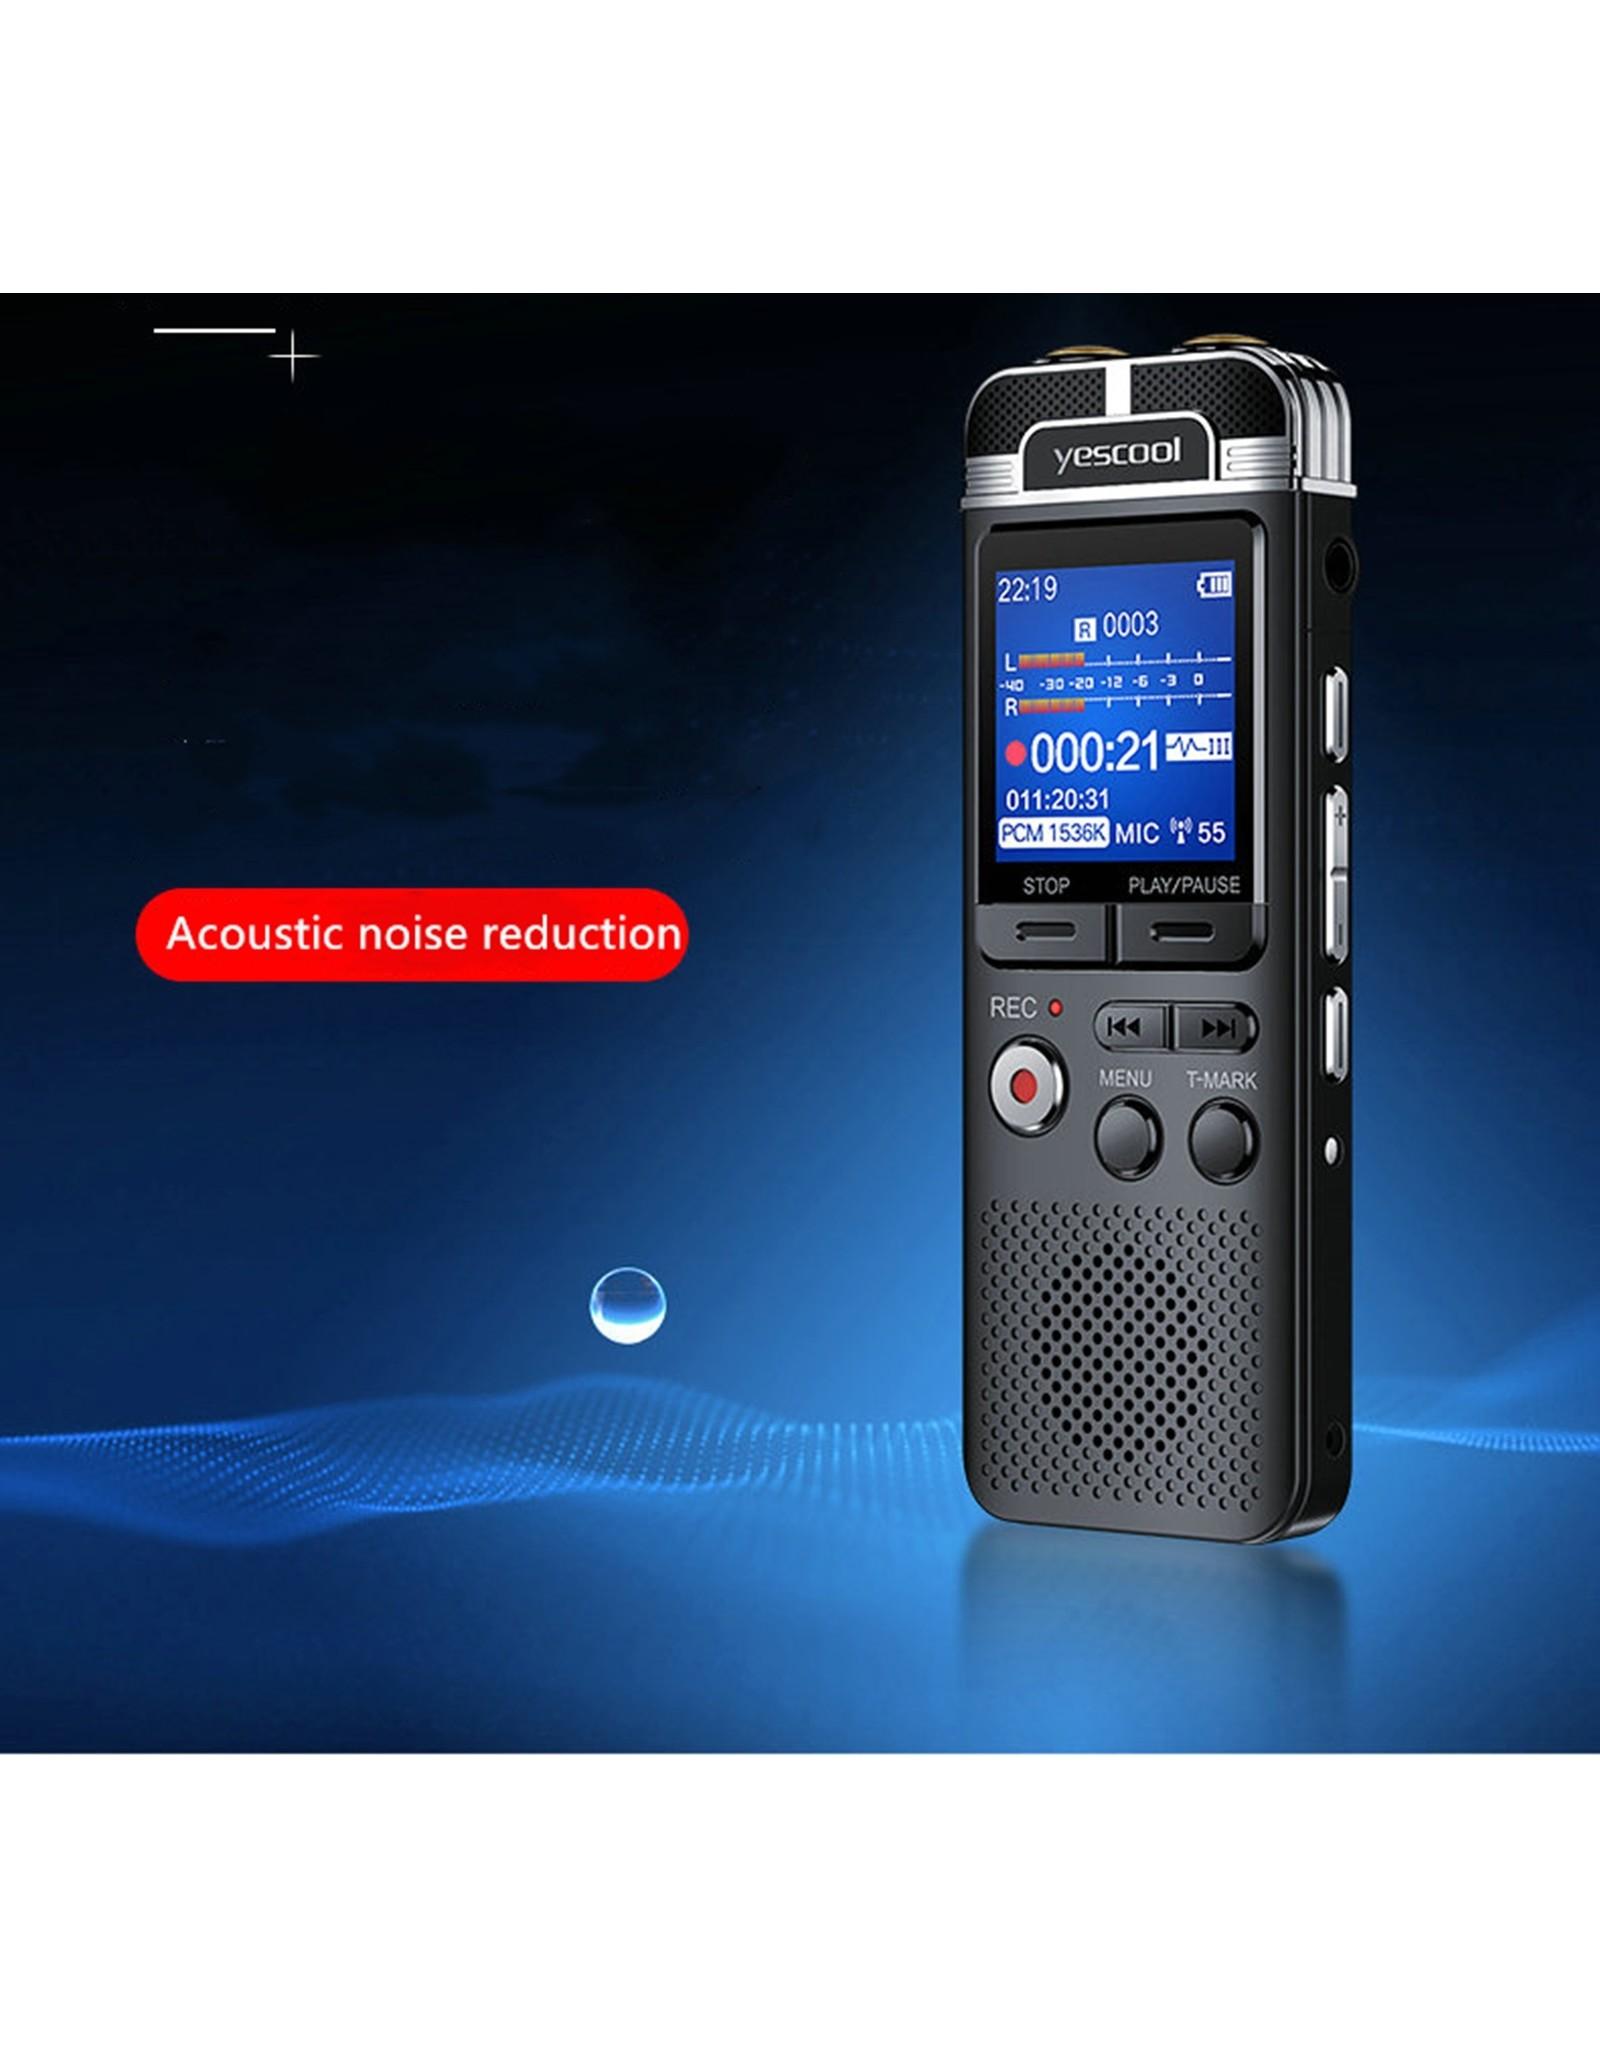 Premium Digitale Recorder - Premium Voice Recorder - Multifunctionele Voice Recorder - Dictafoon 8 GB - Audio Memo Recorder Met USB - Spraak Recorder - Sound – Geluid Recorder - Opname Apparaat - Met MP3 Speler Functie – Zwart